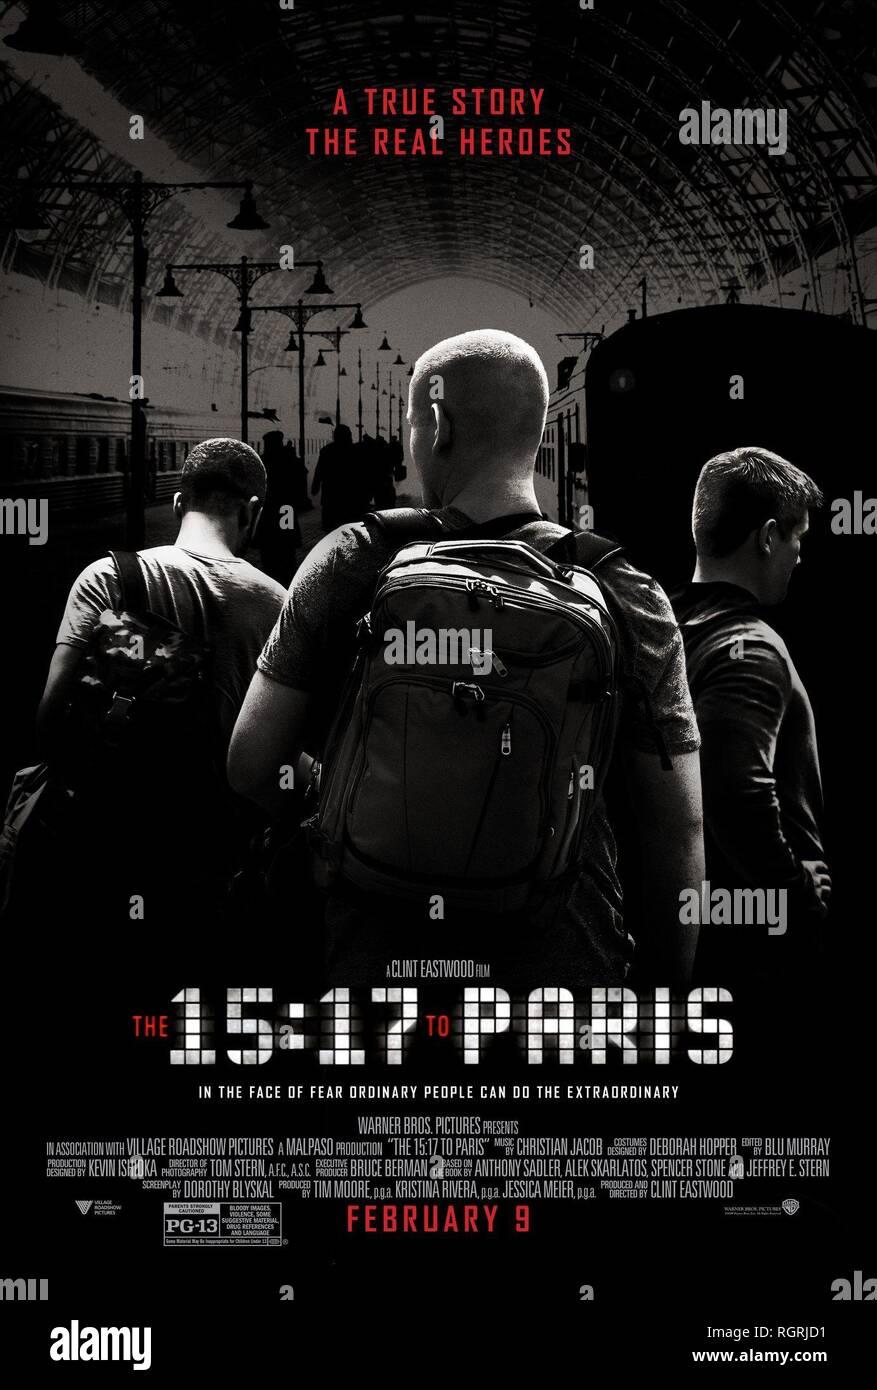 MOVIE POSTER THE 15:17 TO PARIS (2018) - Stock Image